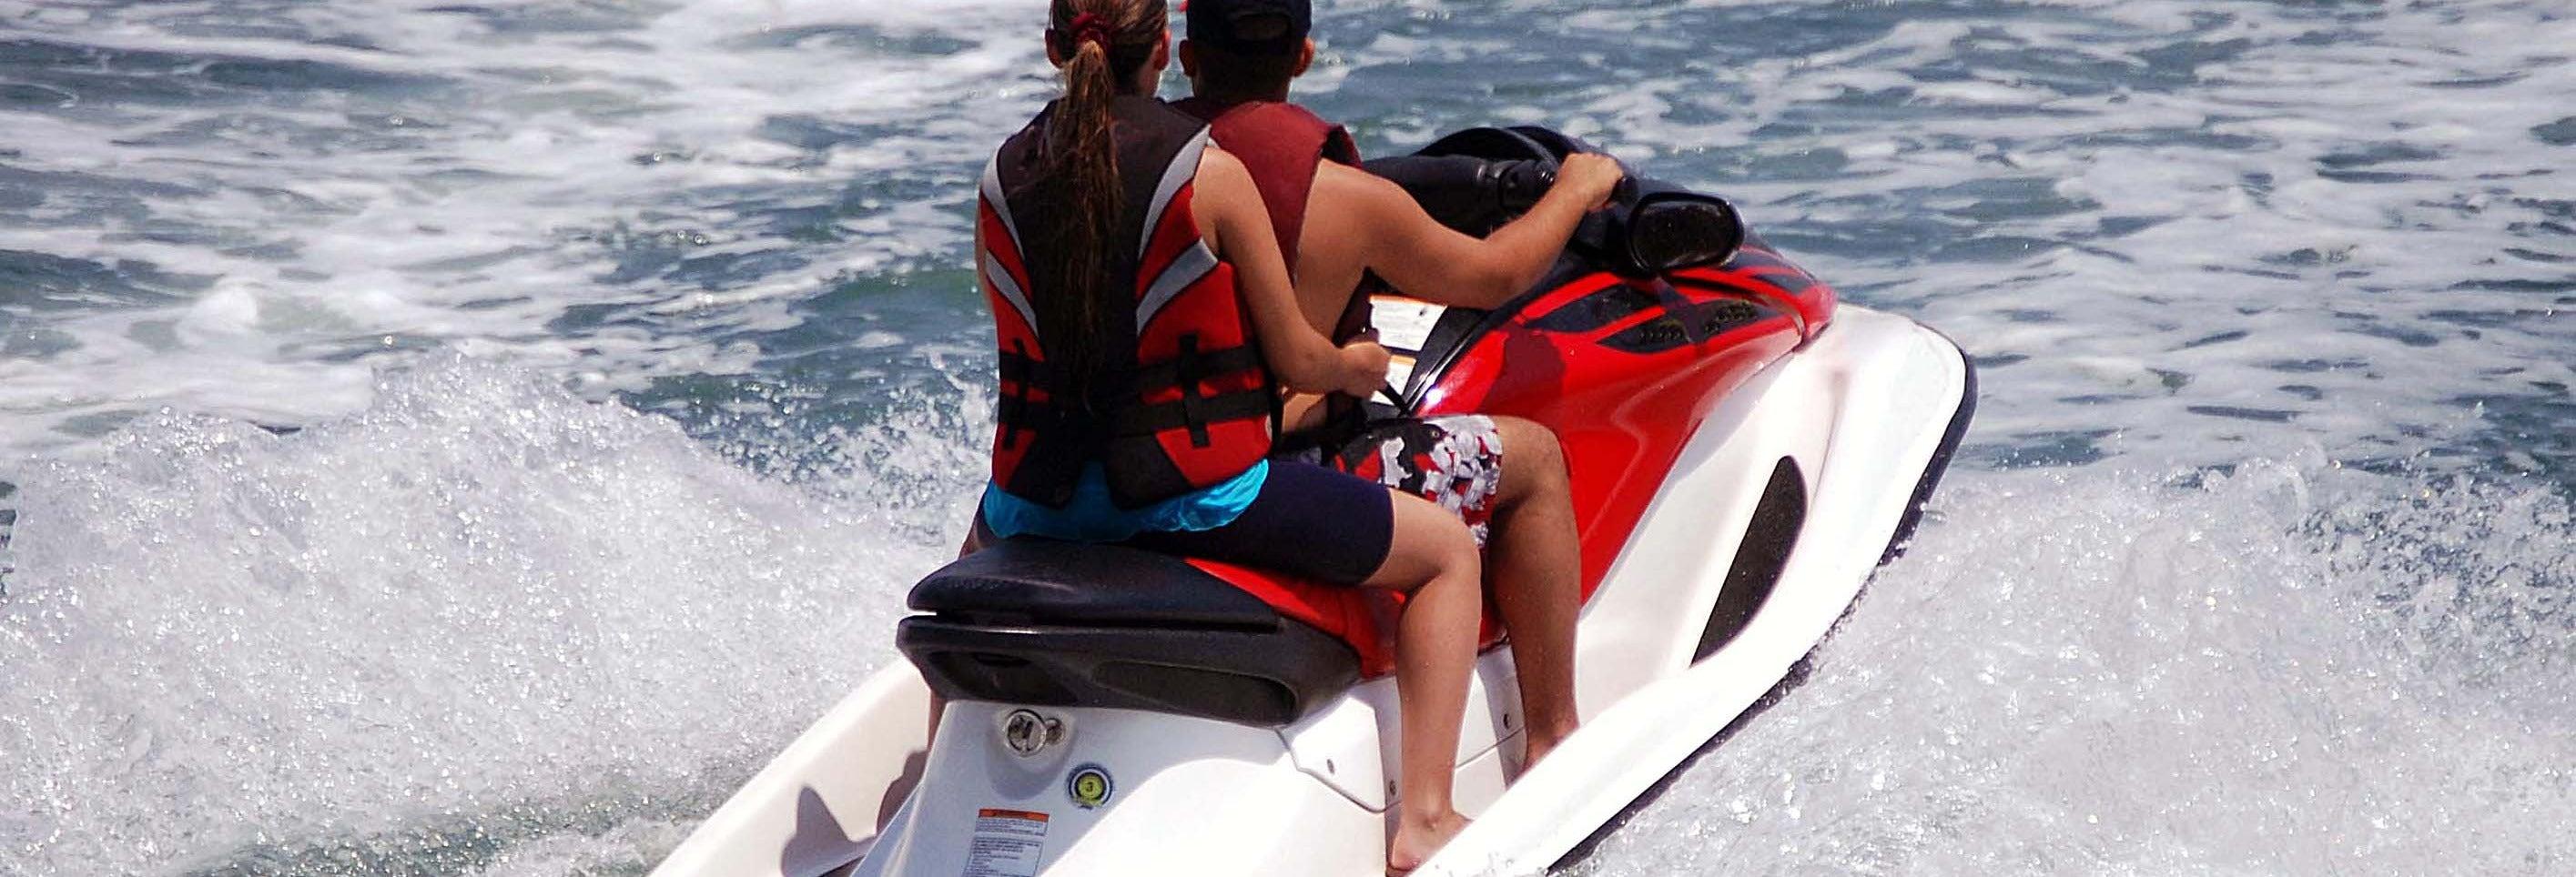 Tour del sud di Tenerife in moto d'acqua